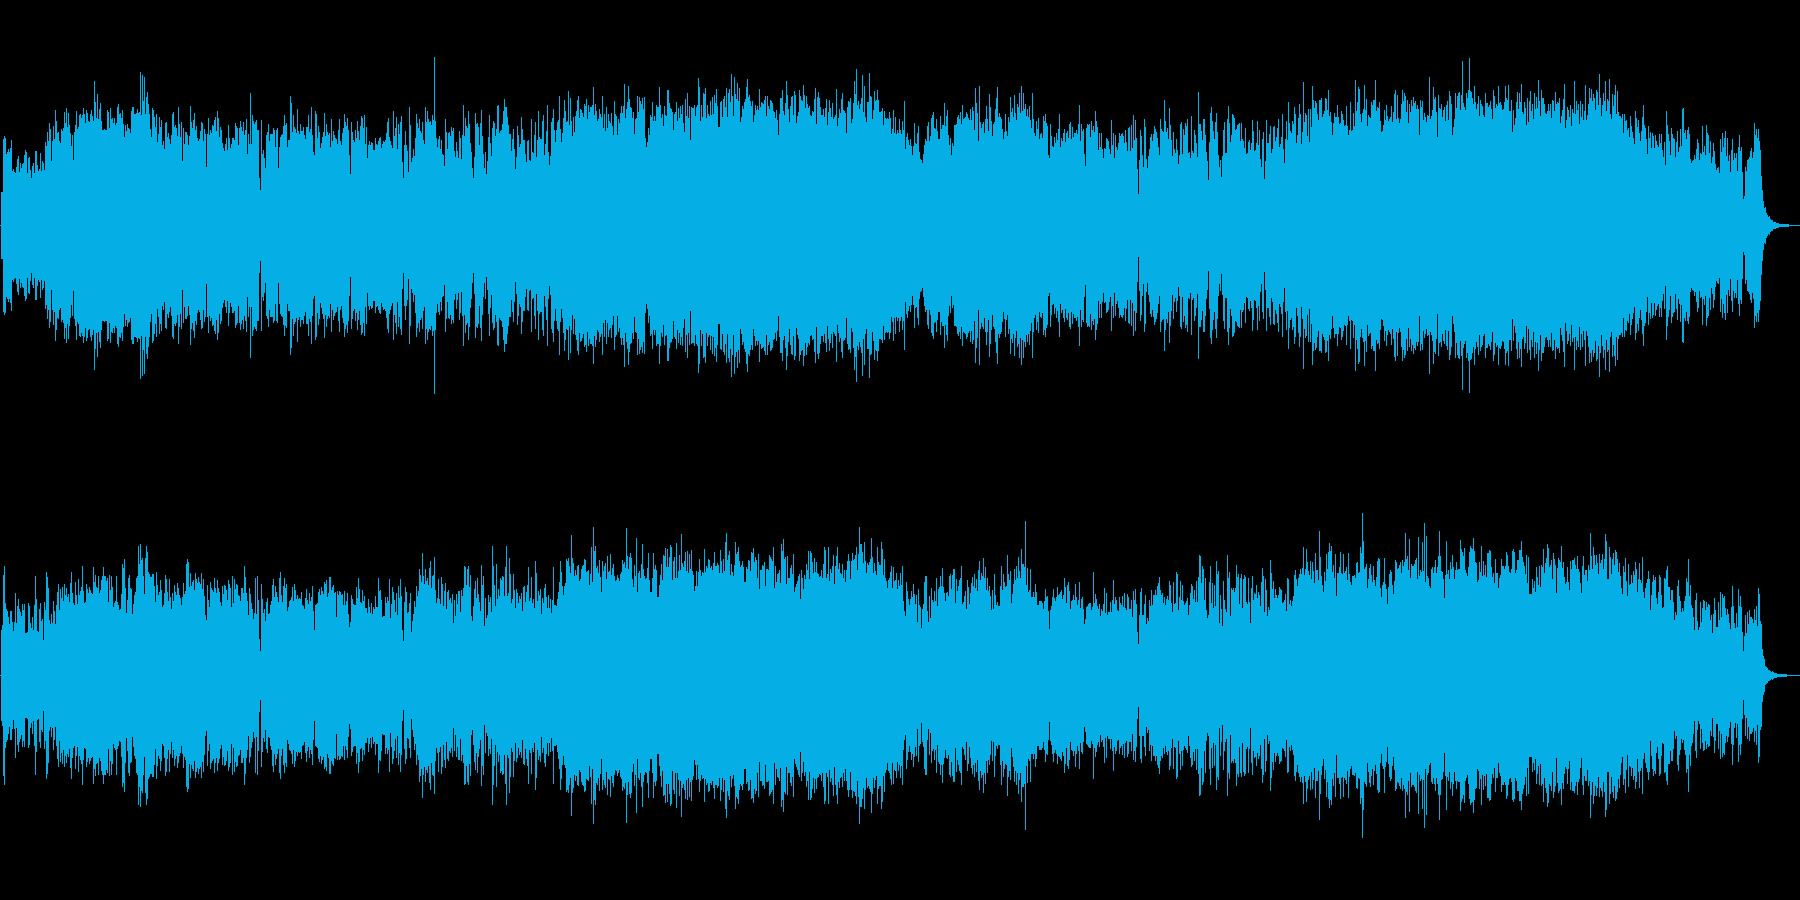 生演奏バイオリン/疾走感/オープニングの再生済みの波形